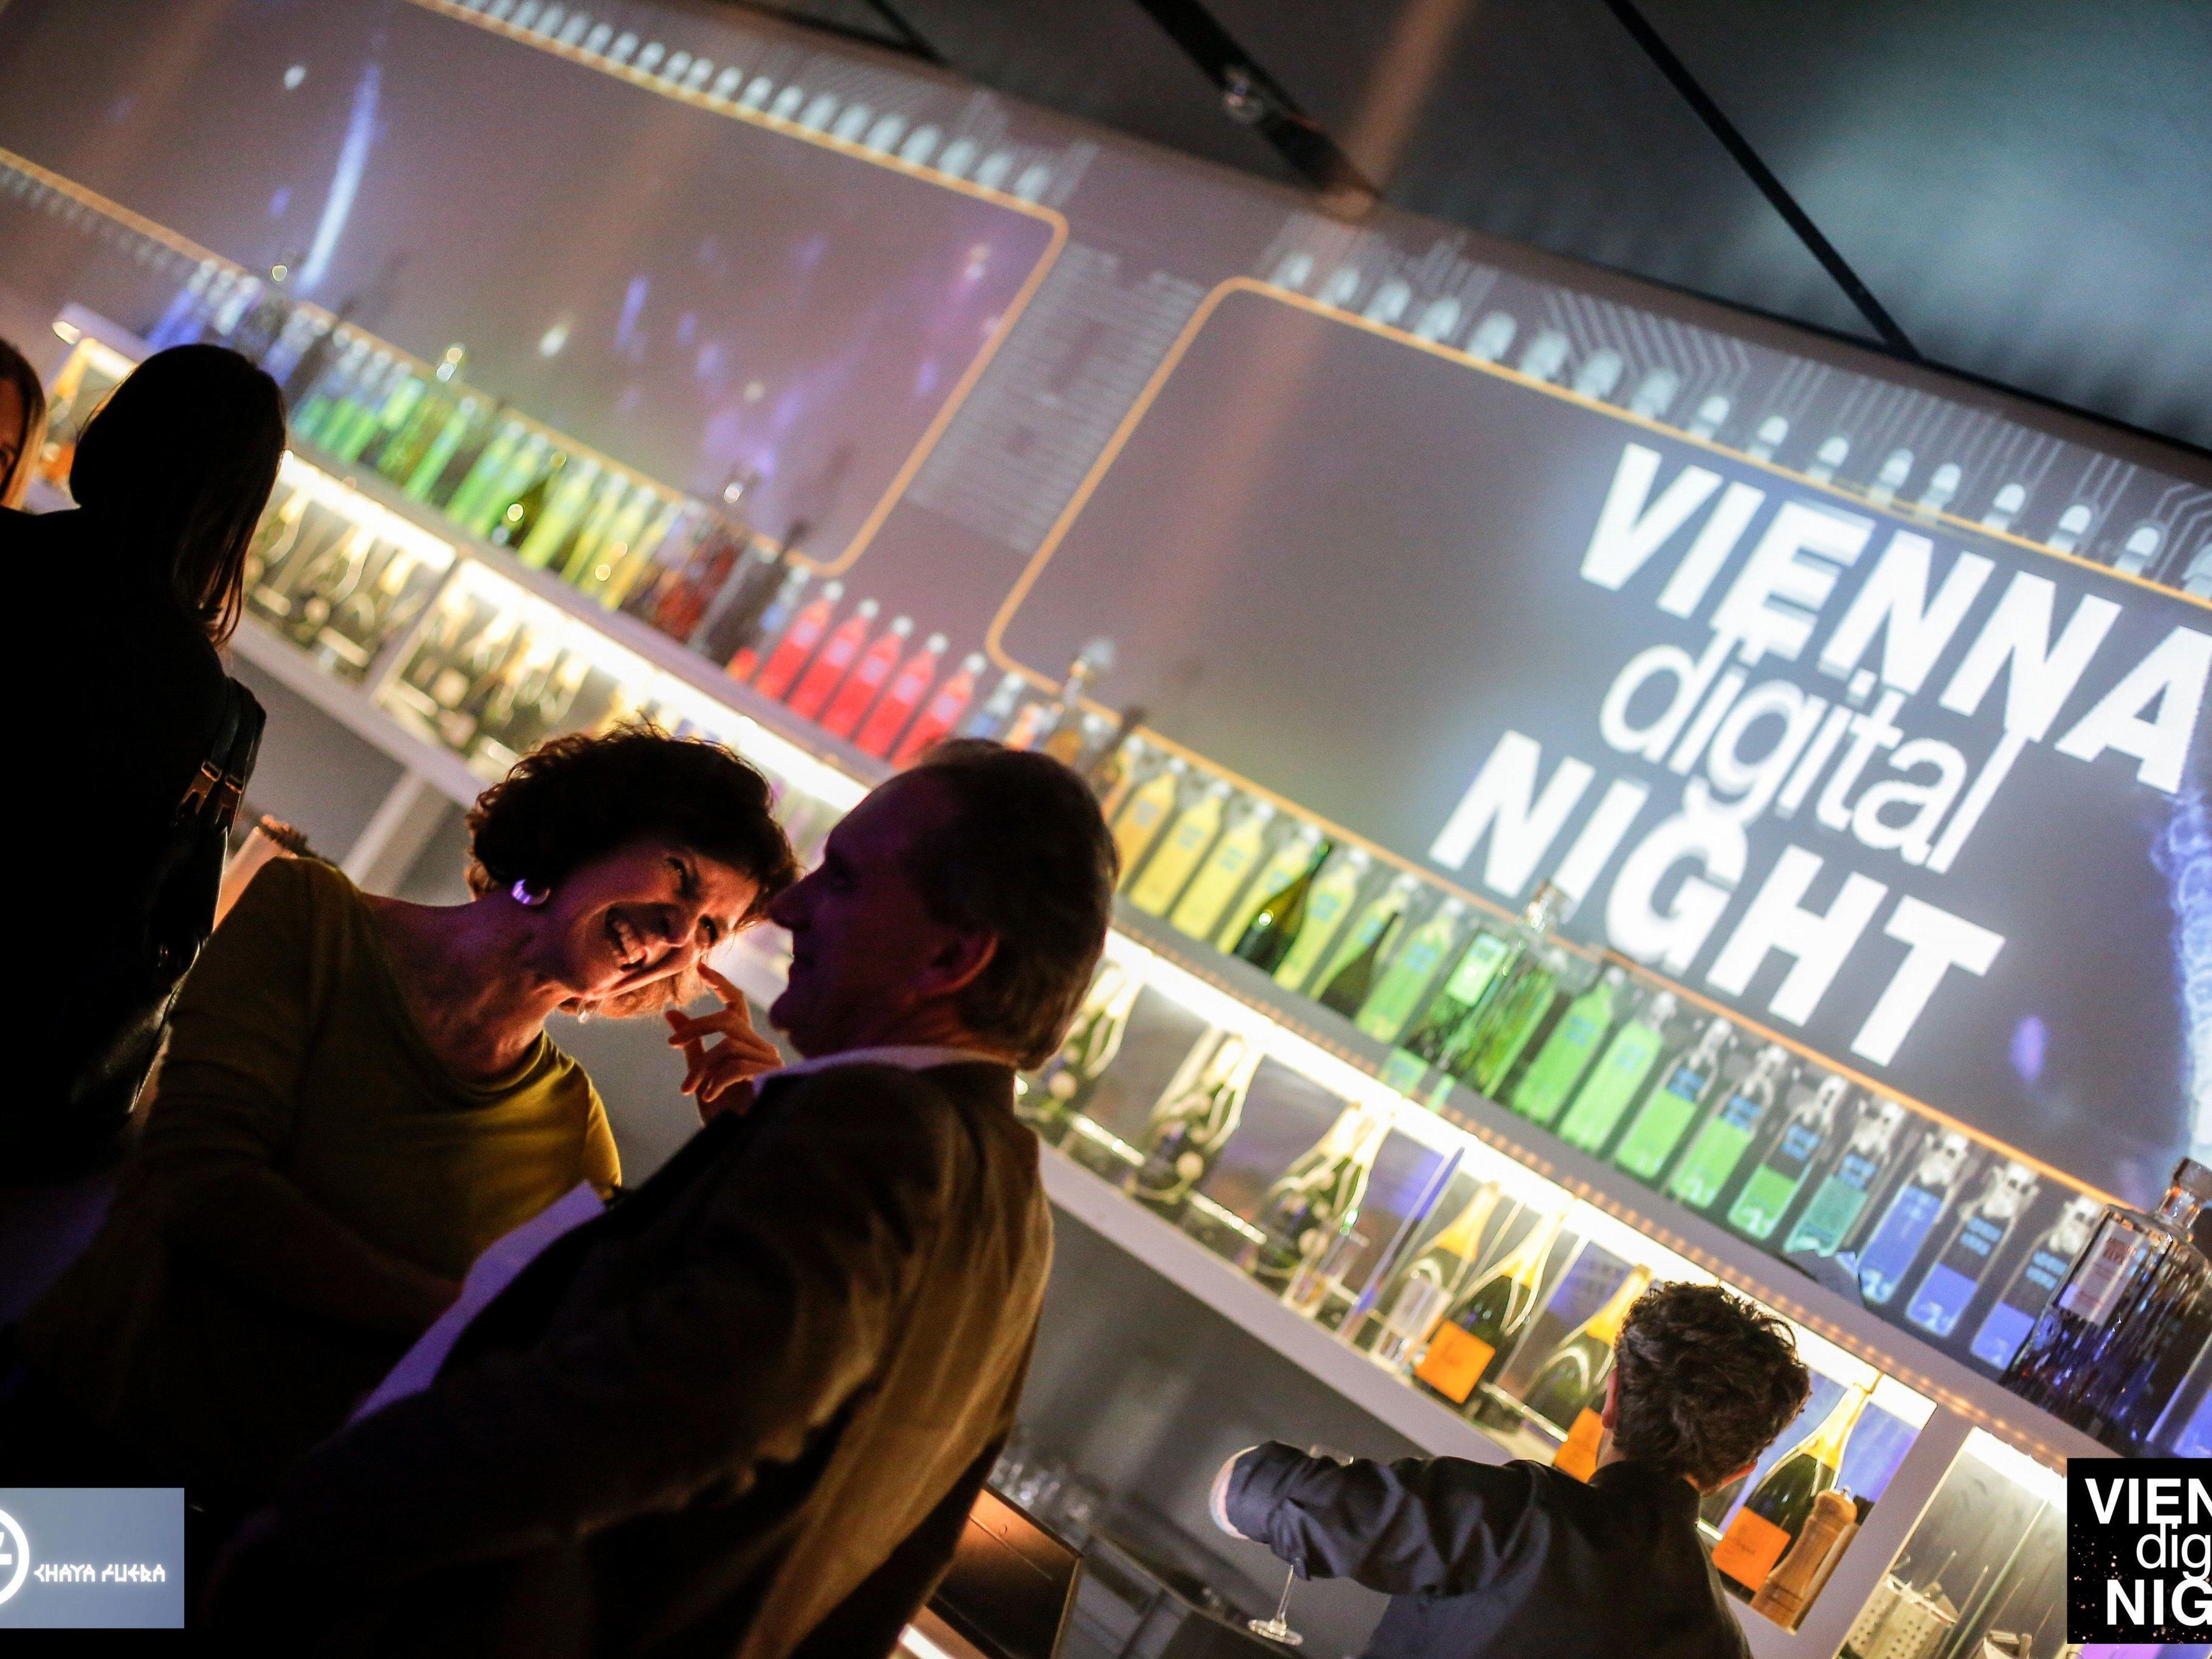 Fulminanter Herbstauftakt für die Vienna Digital Night